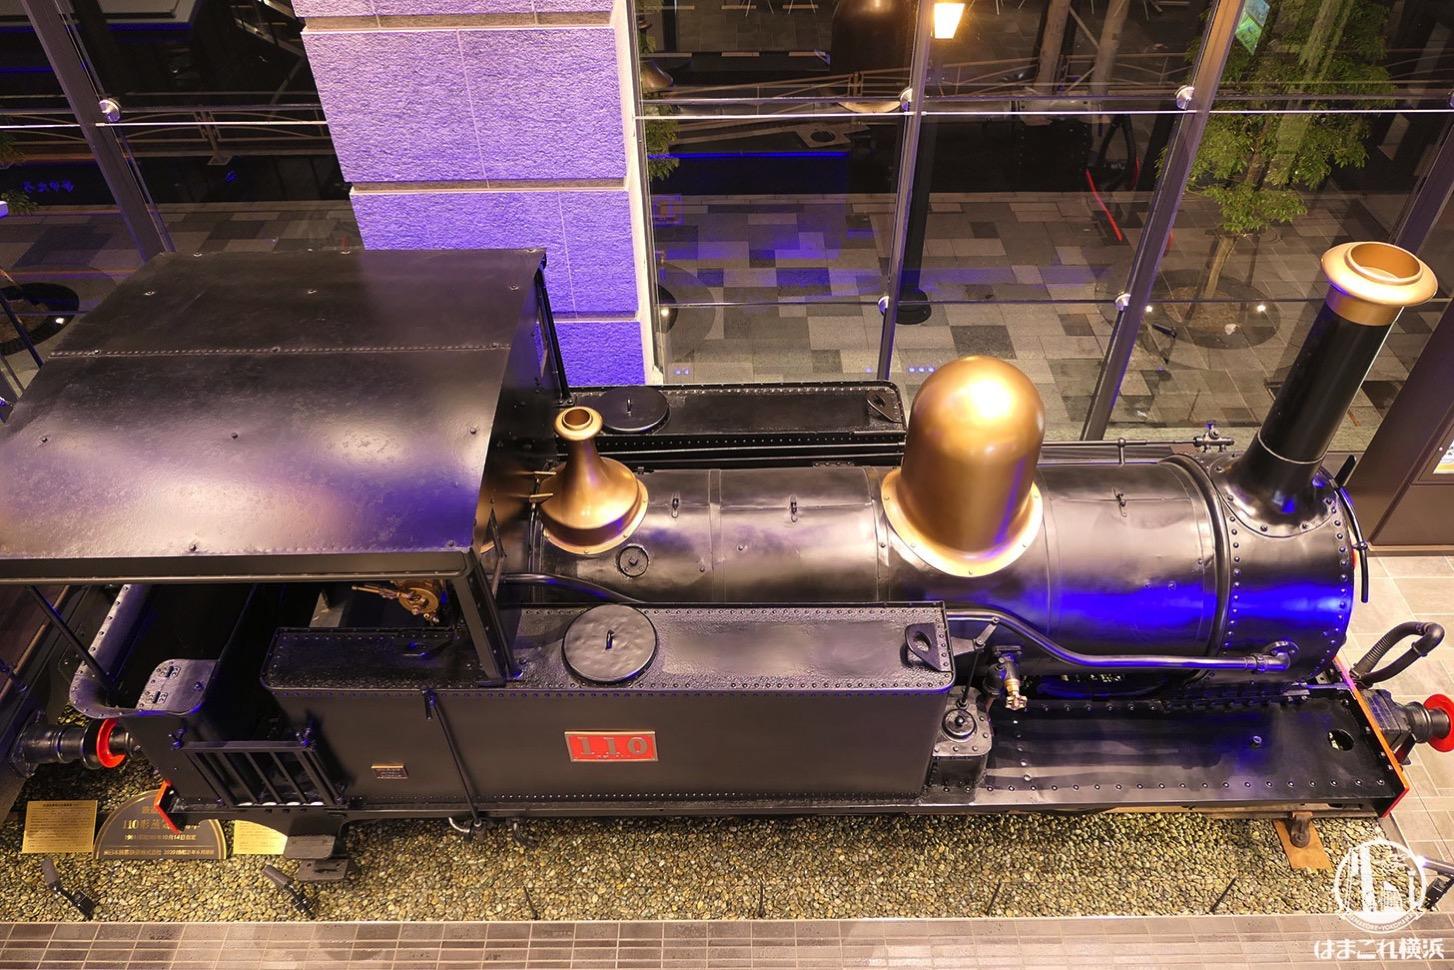 上から見た110形蒸気機関車